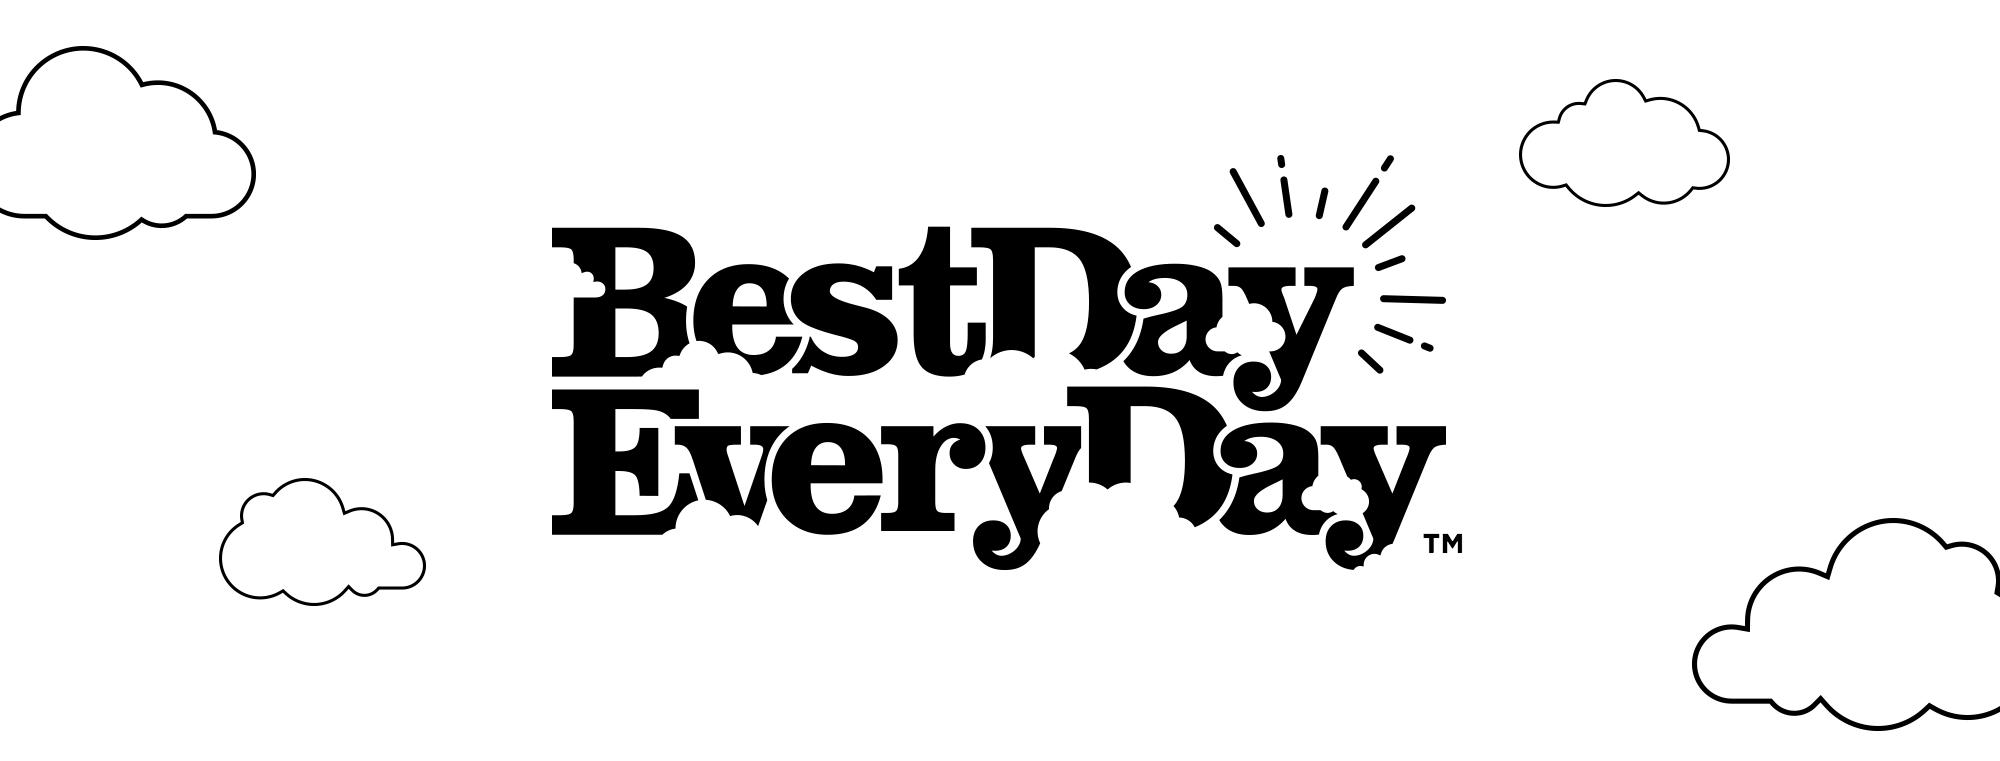 BEST DAY EVERYDAY LOGO BLACK RGB.jpg